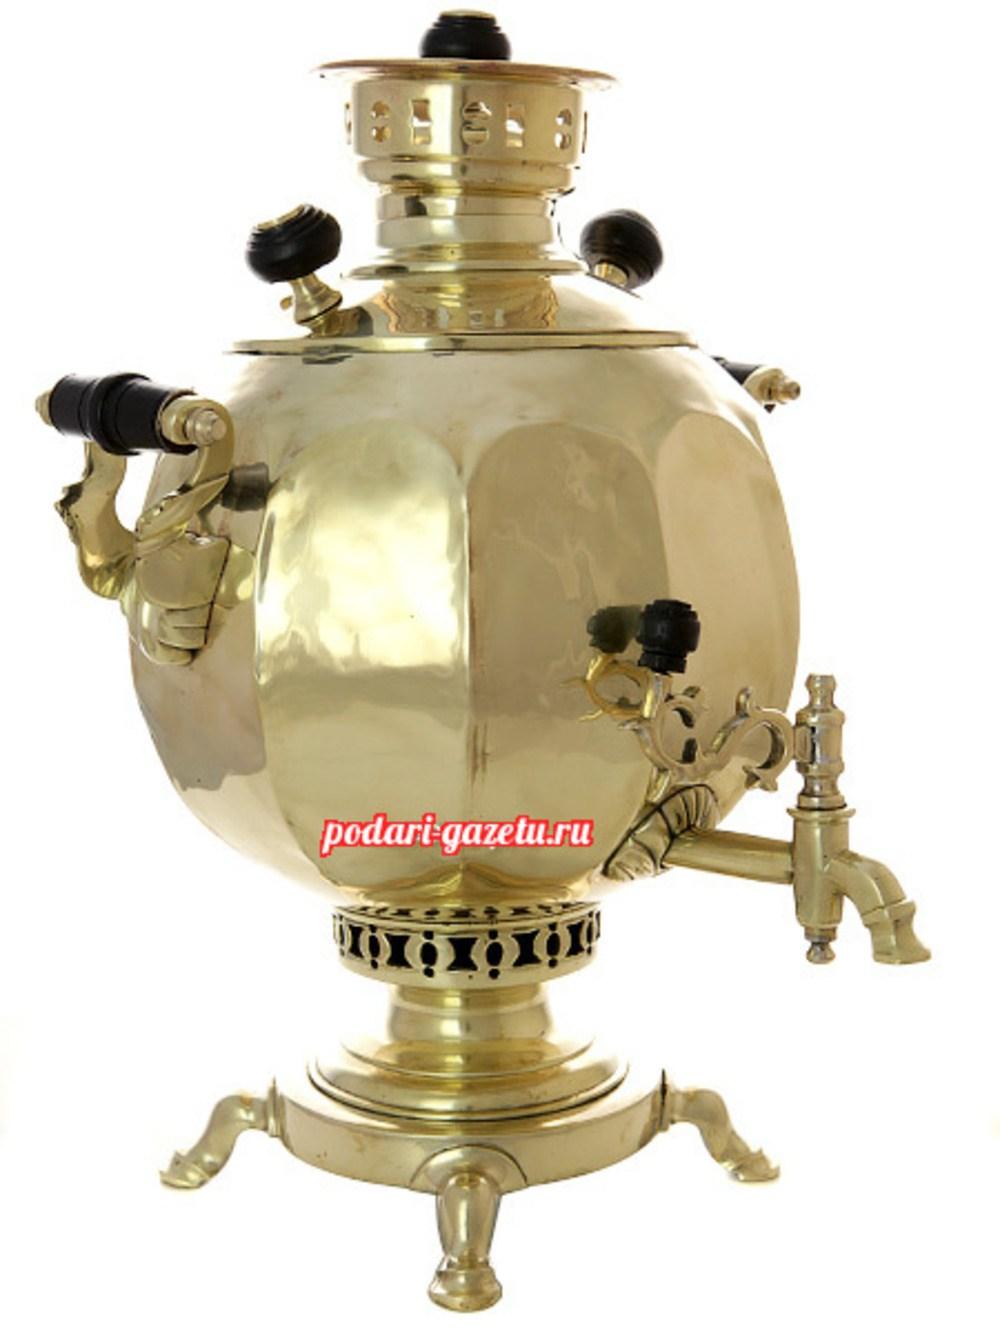 Угольный самовар (жаровой, дровяной) (5 литров) желтый шар с гранями